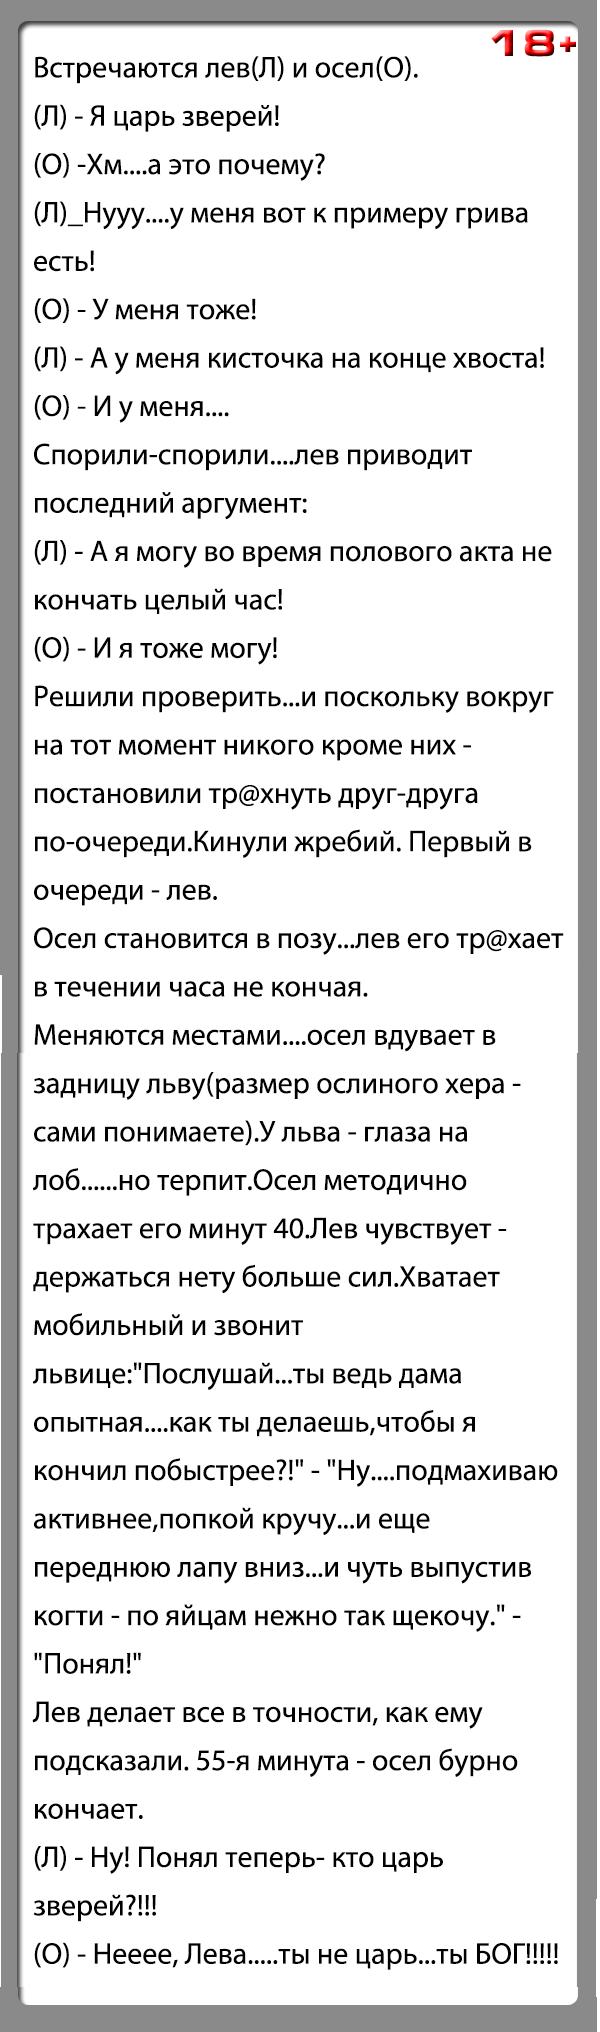 """Анекдот """"Почему лев царь зверей"""""""